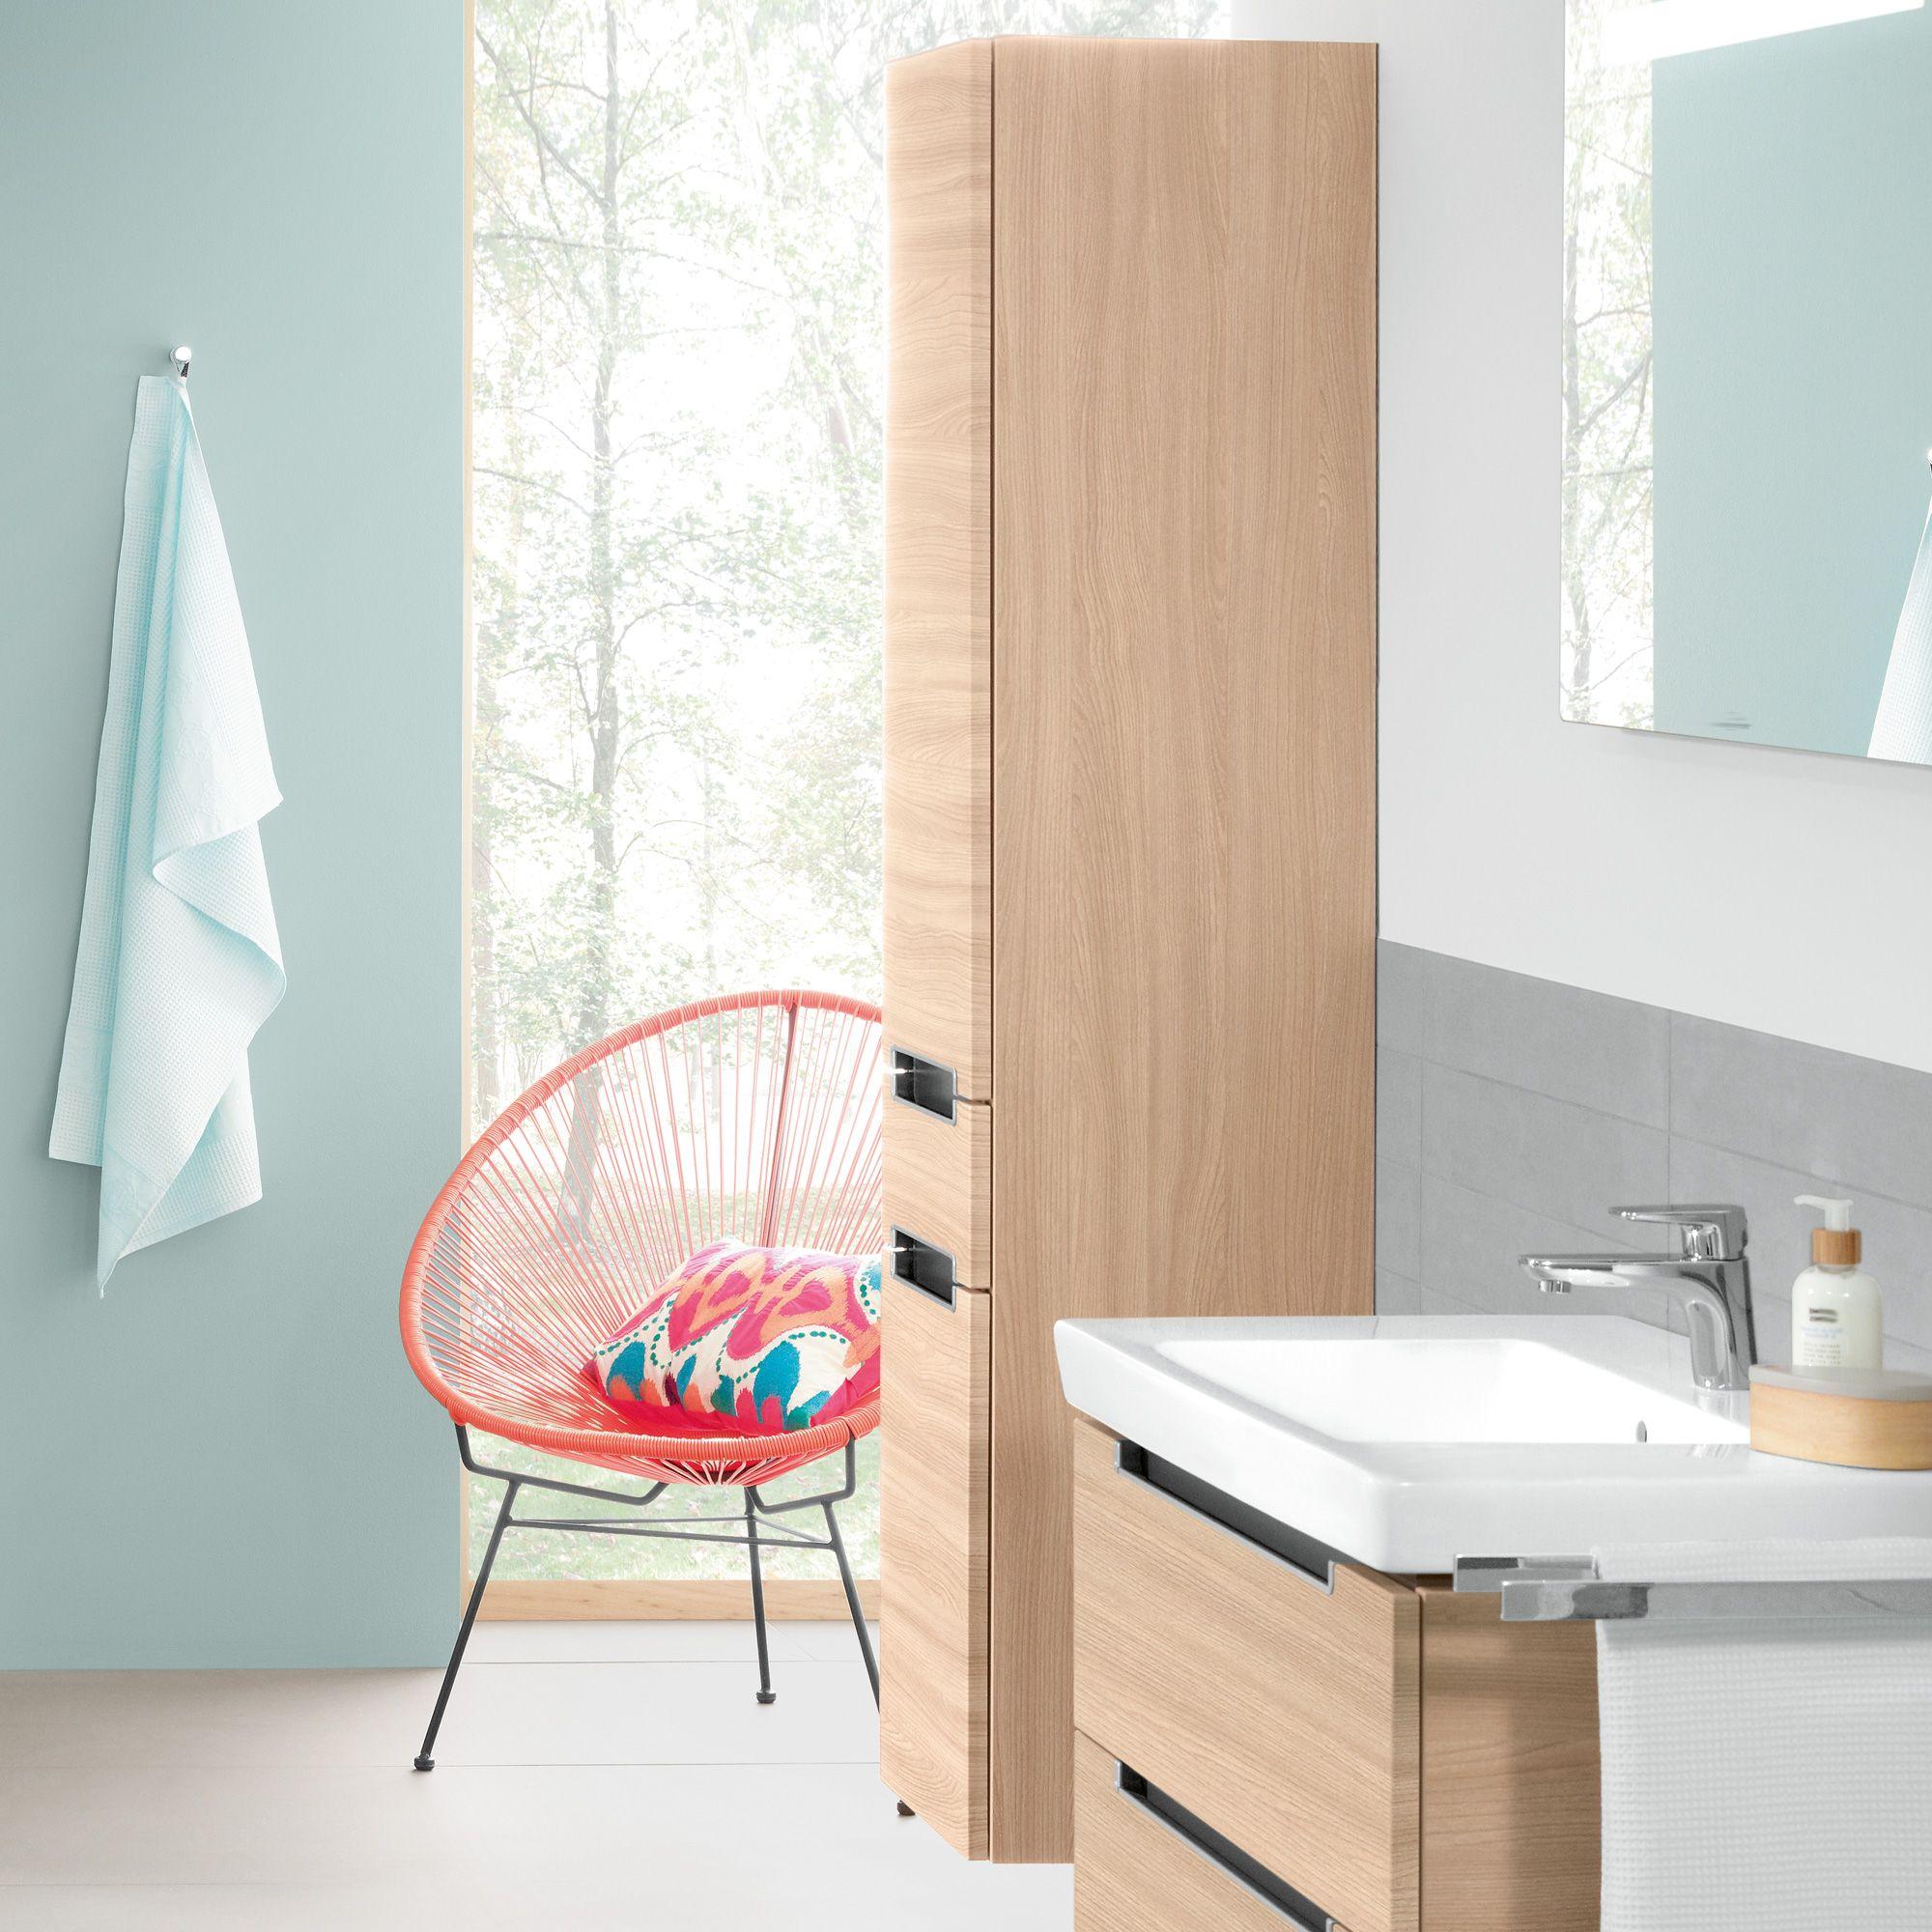 villeroy & boch subway 2.0 hochschrank mit 2 türen und 1 schublade, Badezimmer ideen